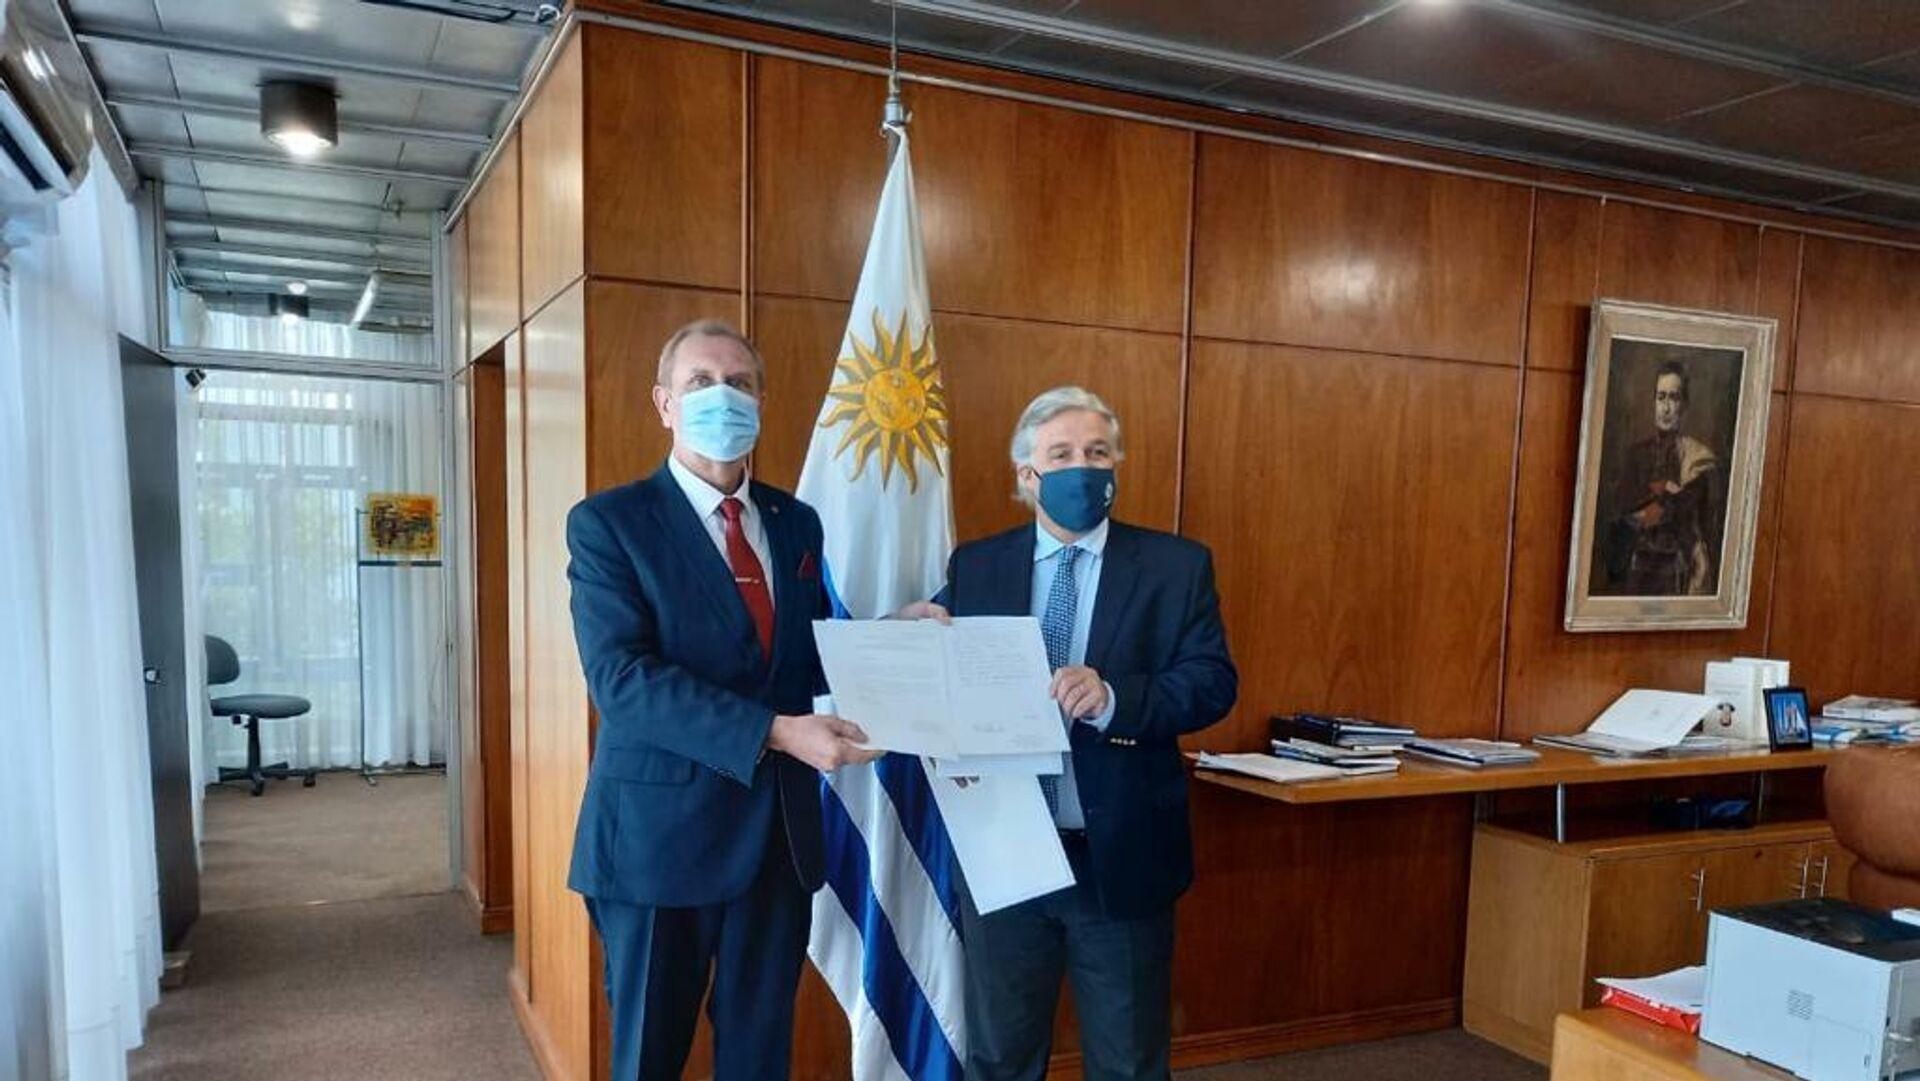 El embajador de la Federación de Rusia en Uruguay, Andréi Budáev, presentó la copia de sus cartas credenciales al canciller Francisco Bustillo - Sputnik Mundo, 1920, 22.07.2021